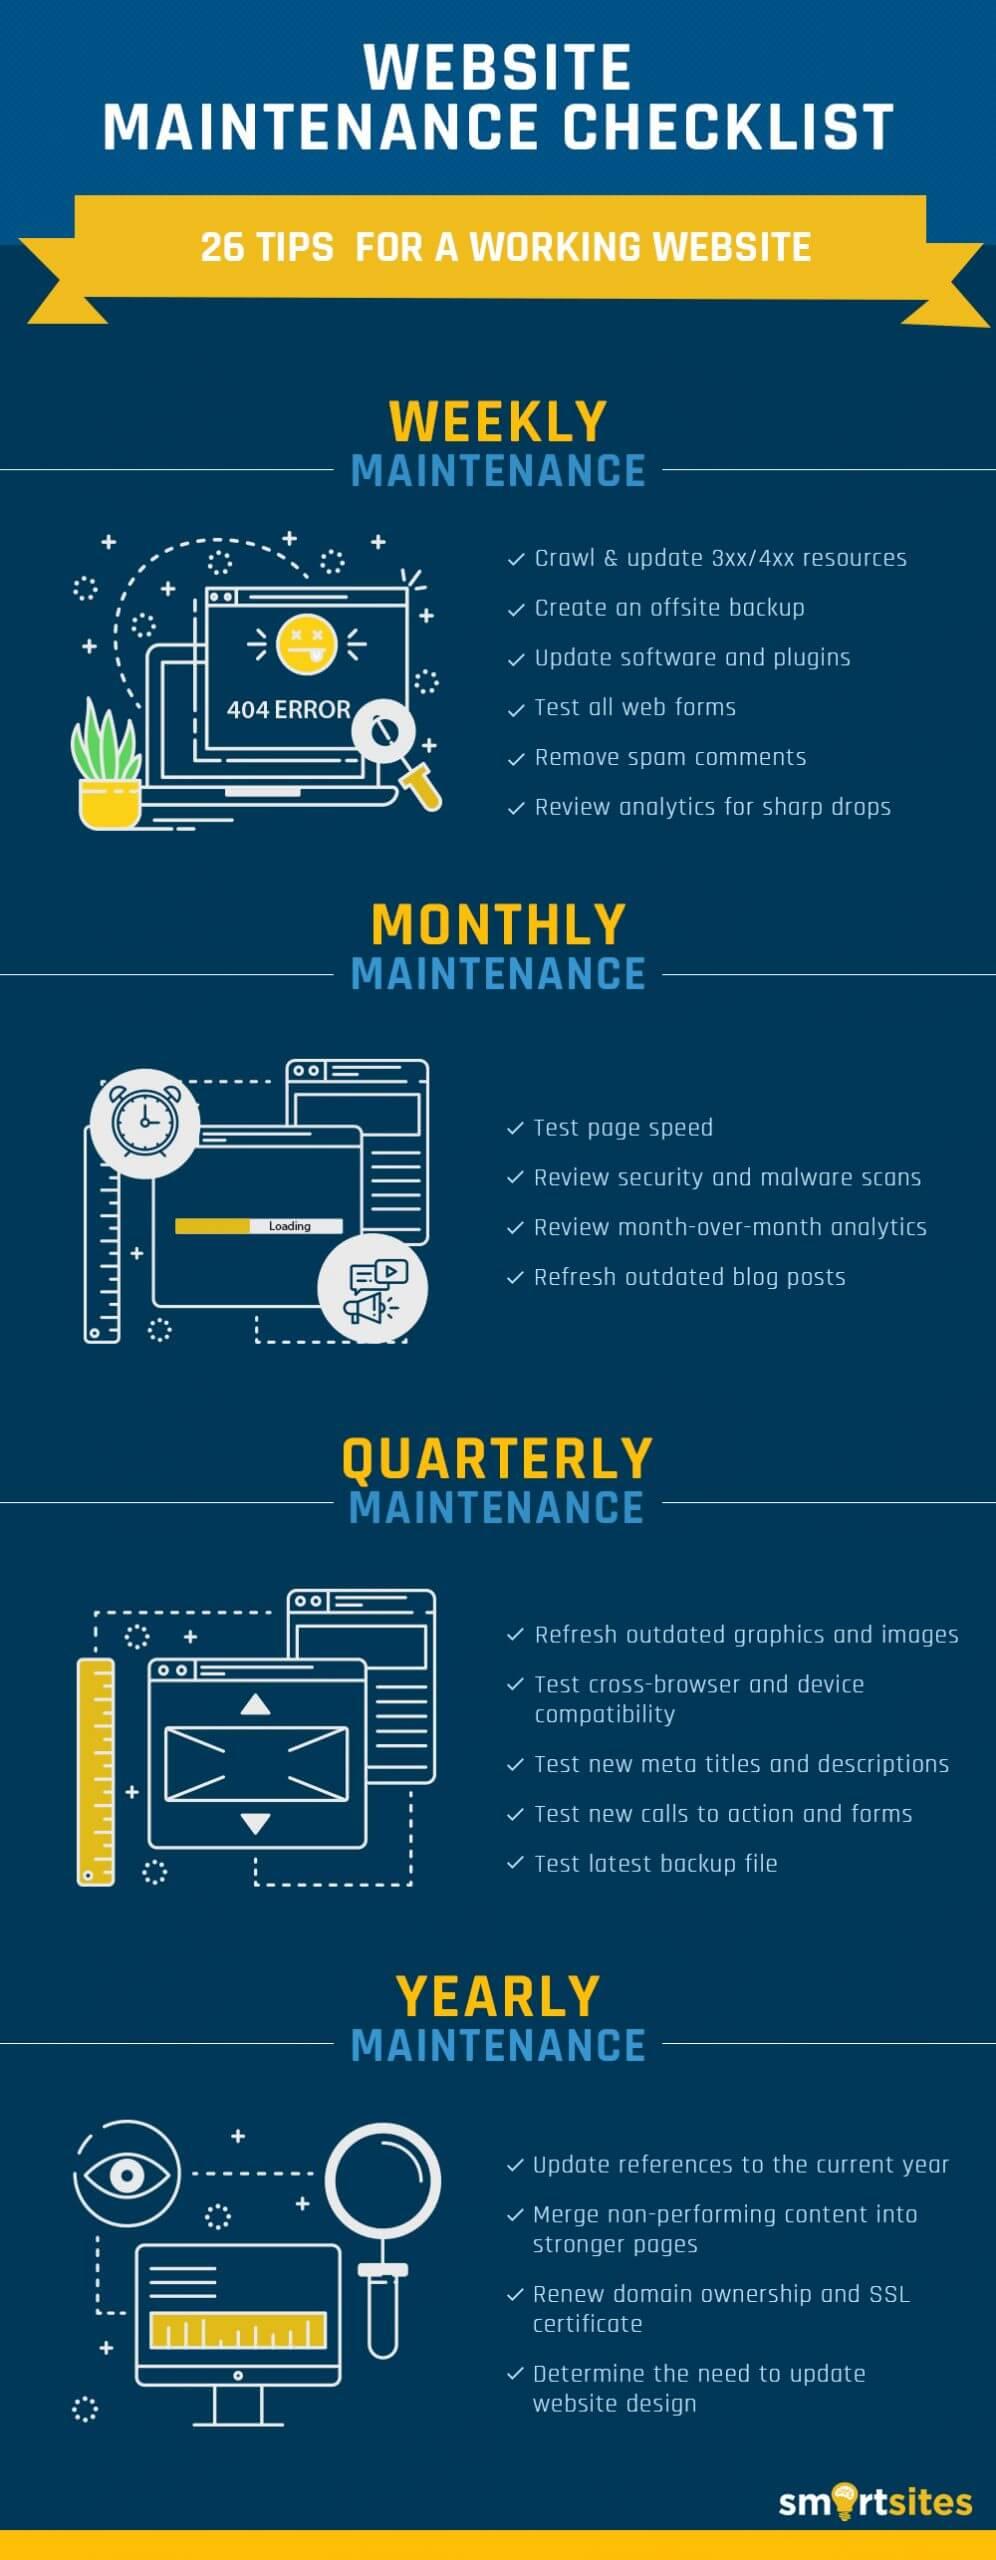 Website Maintenance Checklist